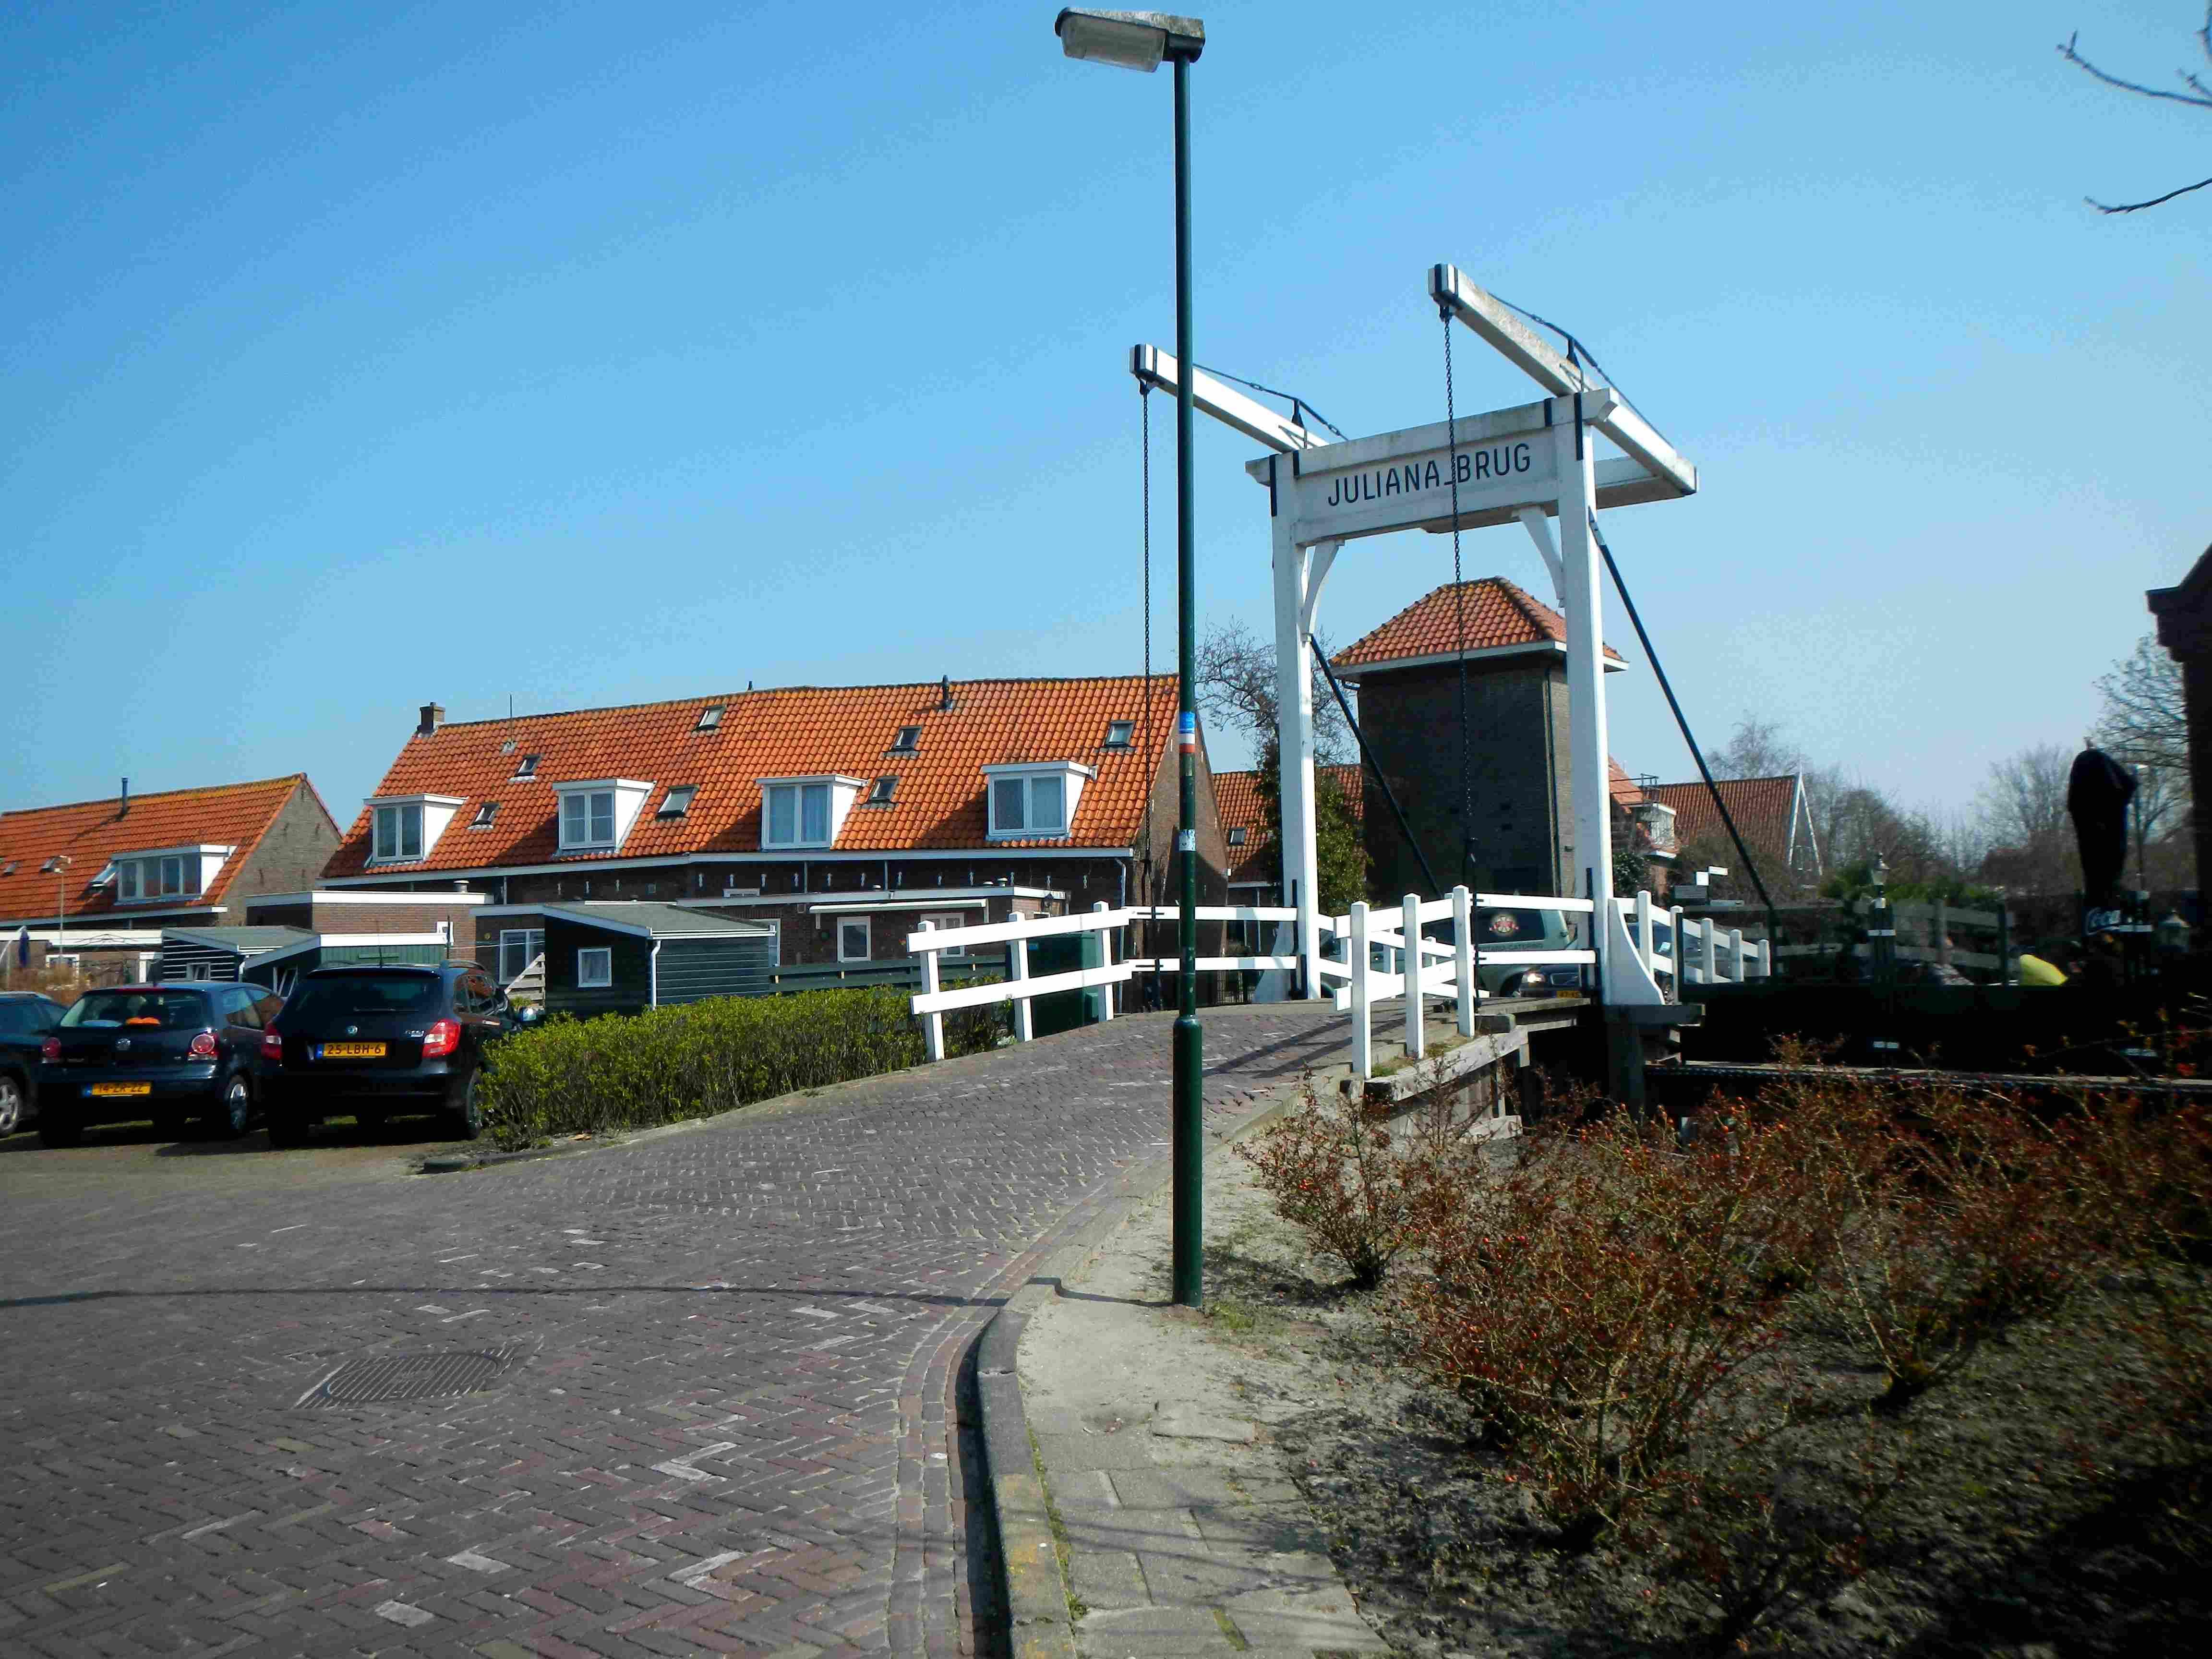 Déjeuner sur le port de Volendam - Amsterdam - Claironyva